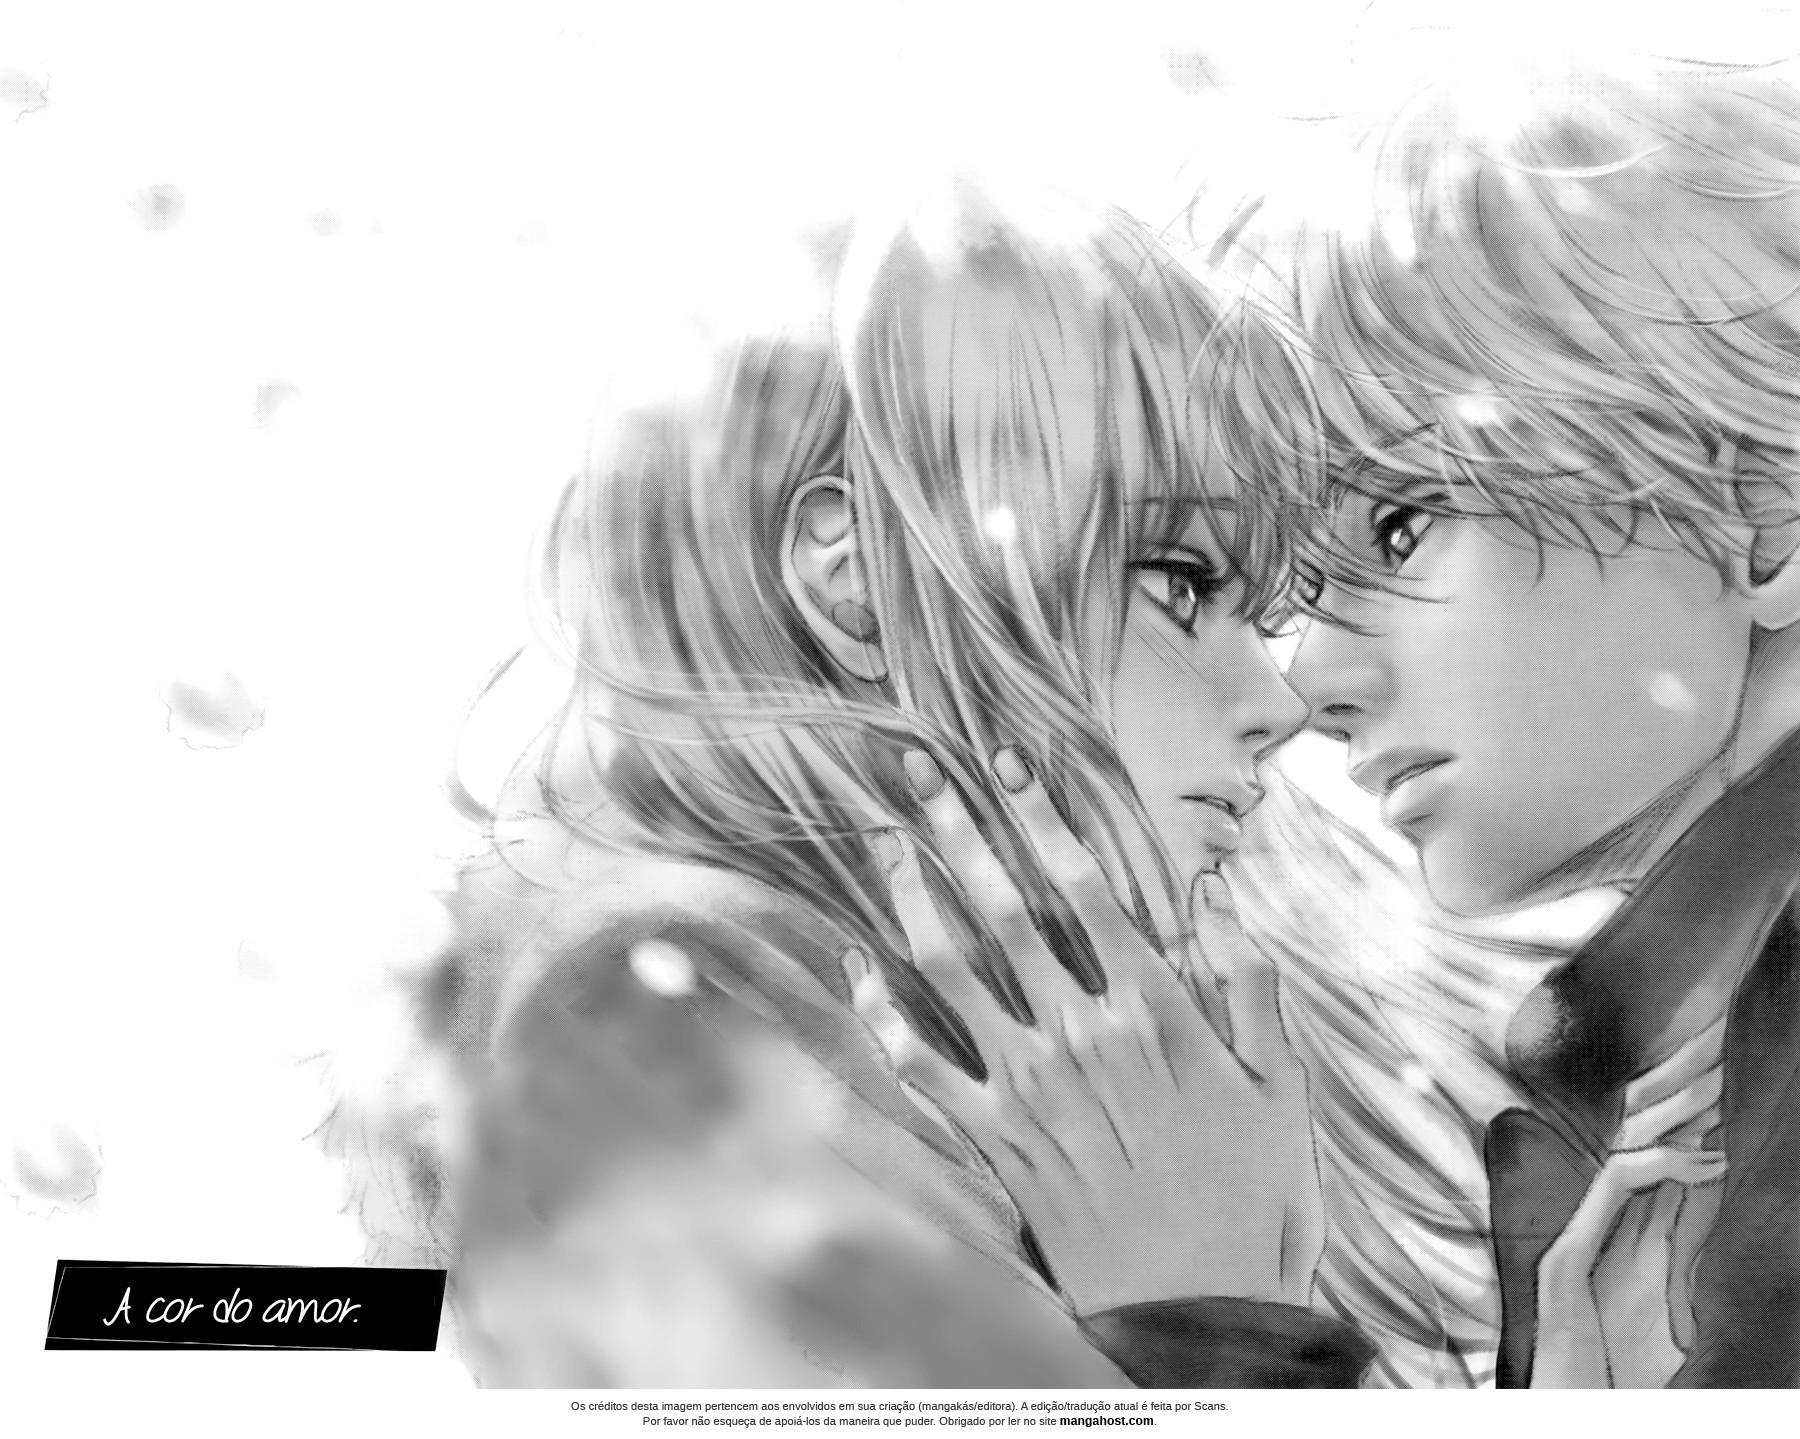 https://nine.mangadogs.com/br_manga/pic/13/2765/6490300/KuchibiruniKiminoIroCapiac_0_234.jpg Page 1